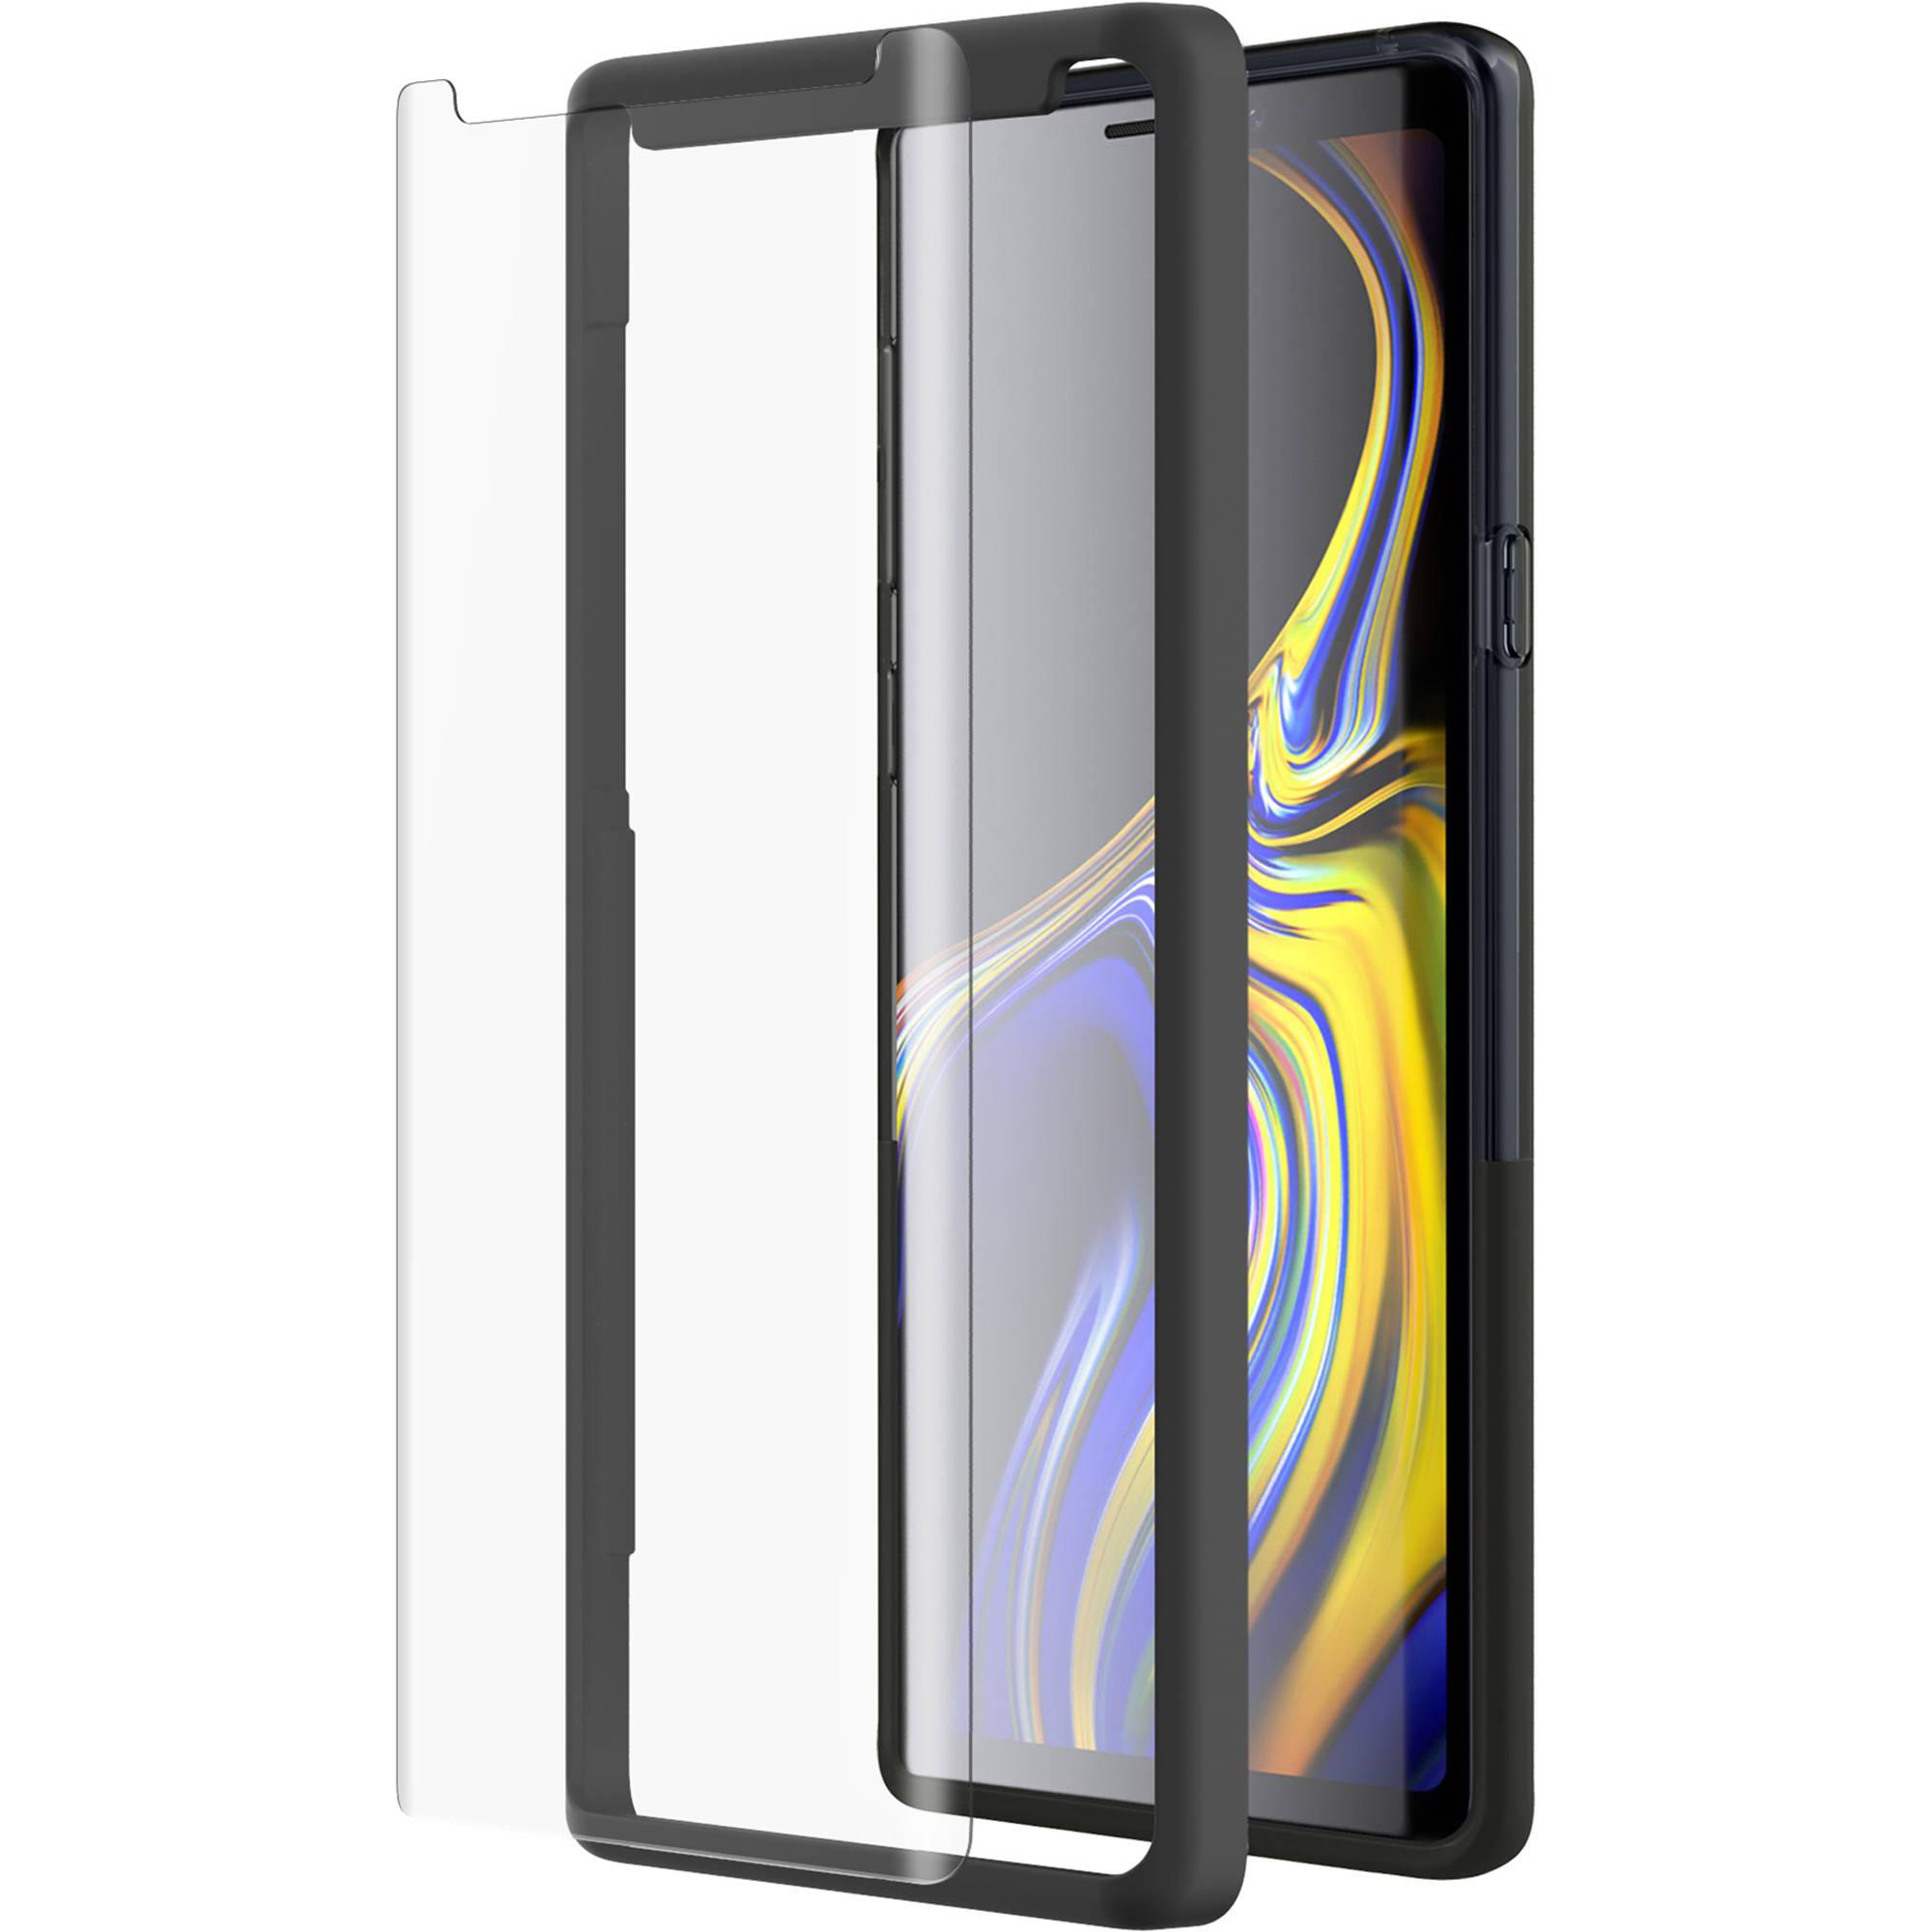 los angeles ef44b 9c929 Incipio NGP Case + Screen Protector for Galaxy Note9 (Smoke)